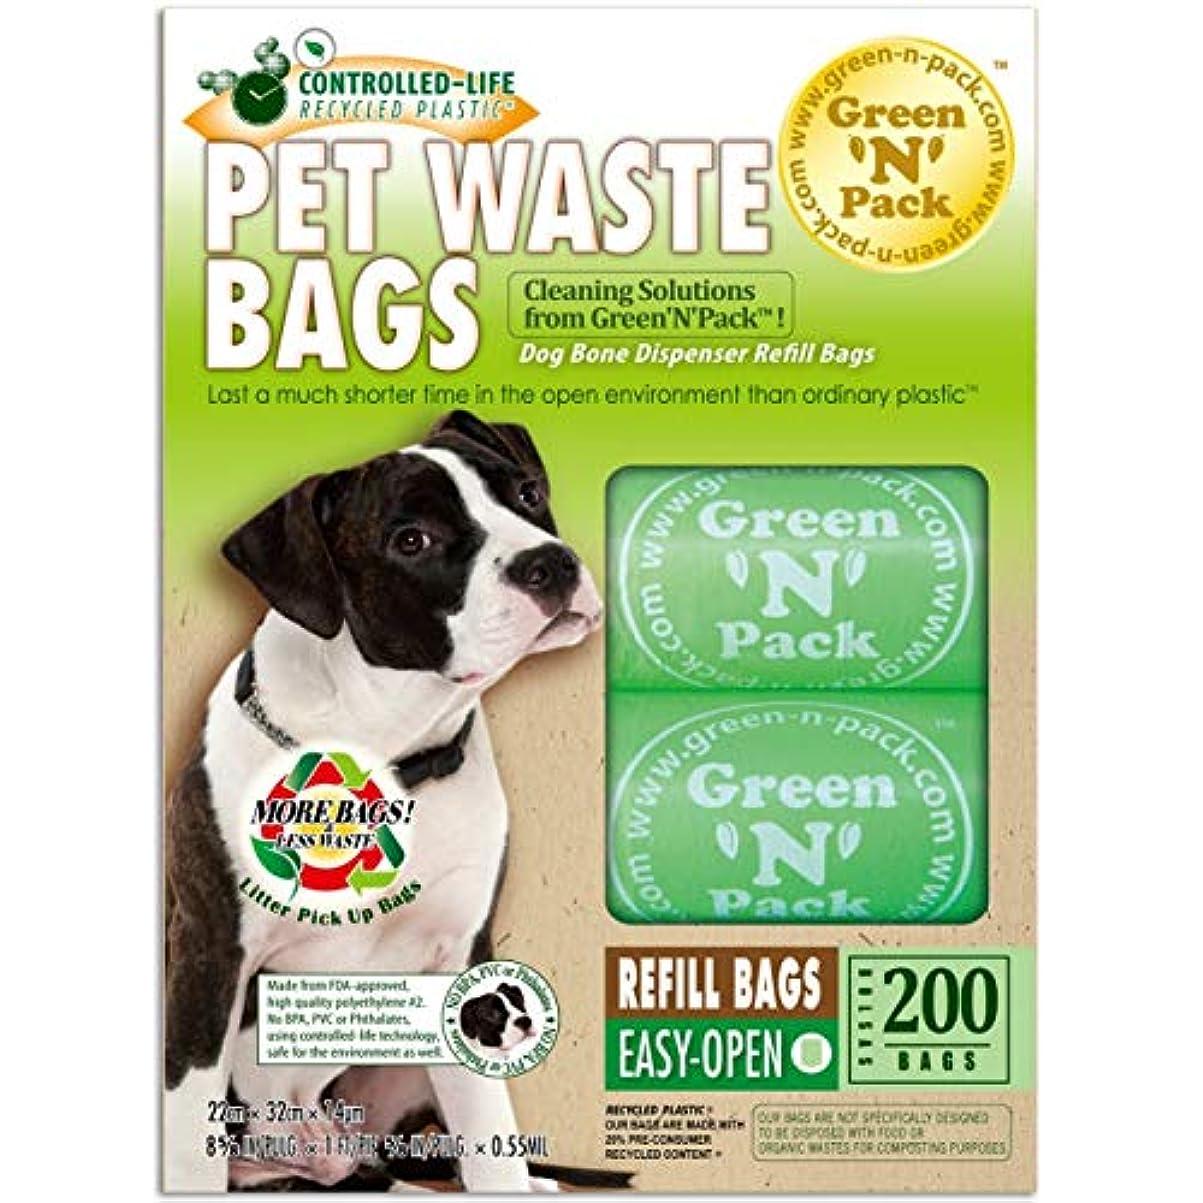 マーキング直接苦行Green 'N' Pack Eco Friendly Bags - 犬Pooは日 75 パックを袋に入れる - 200バッグ